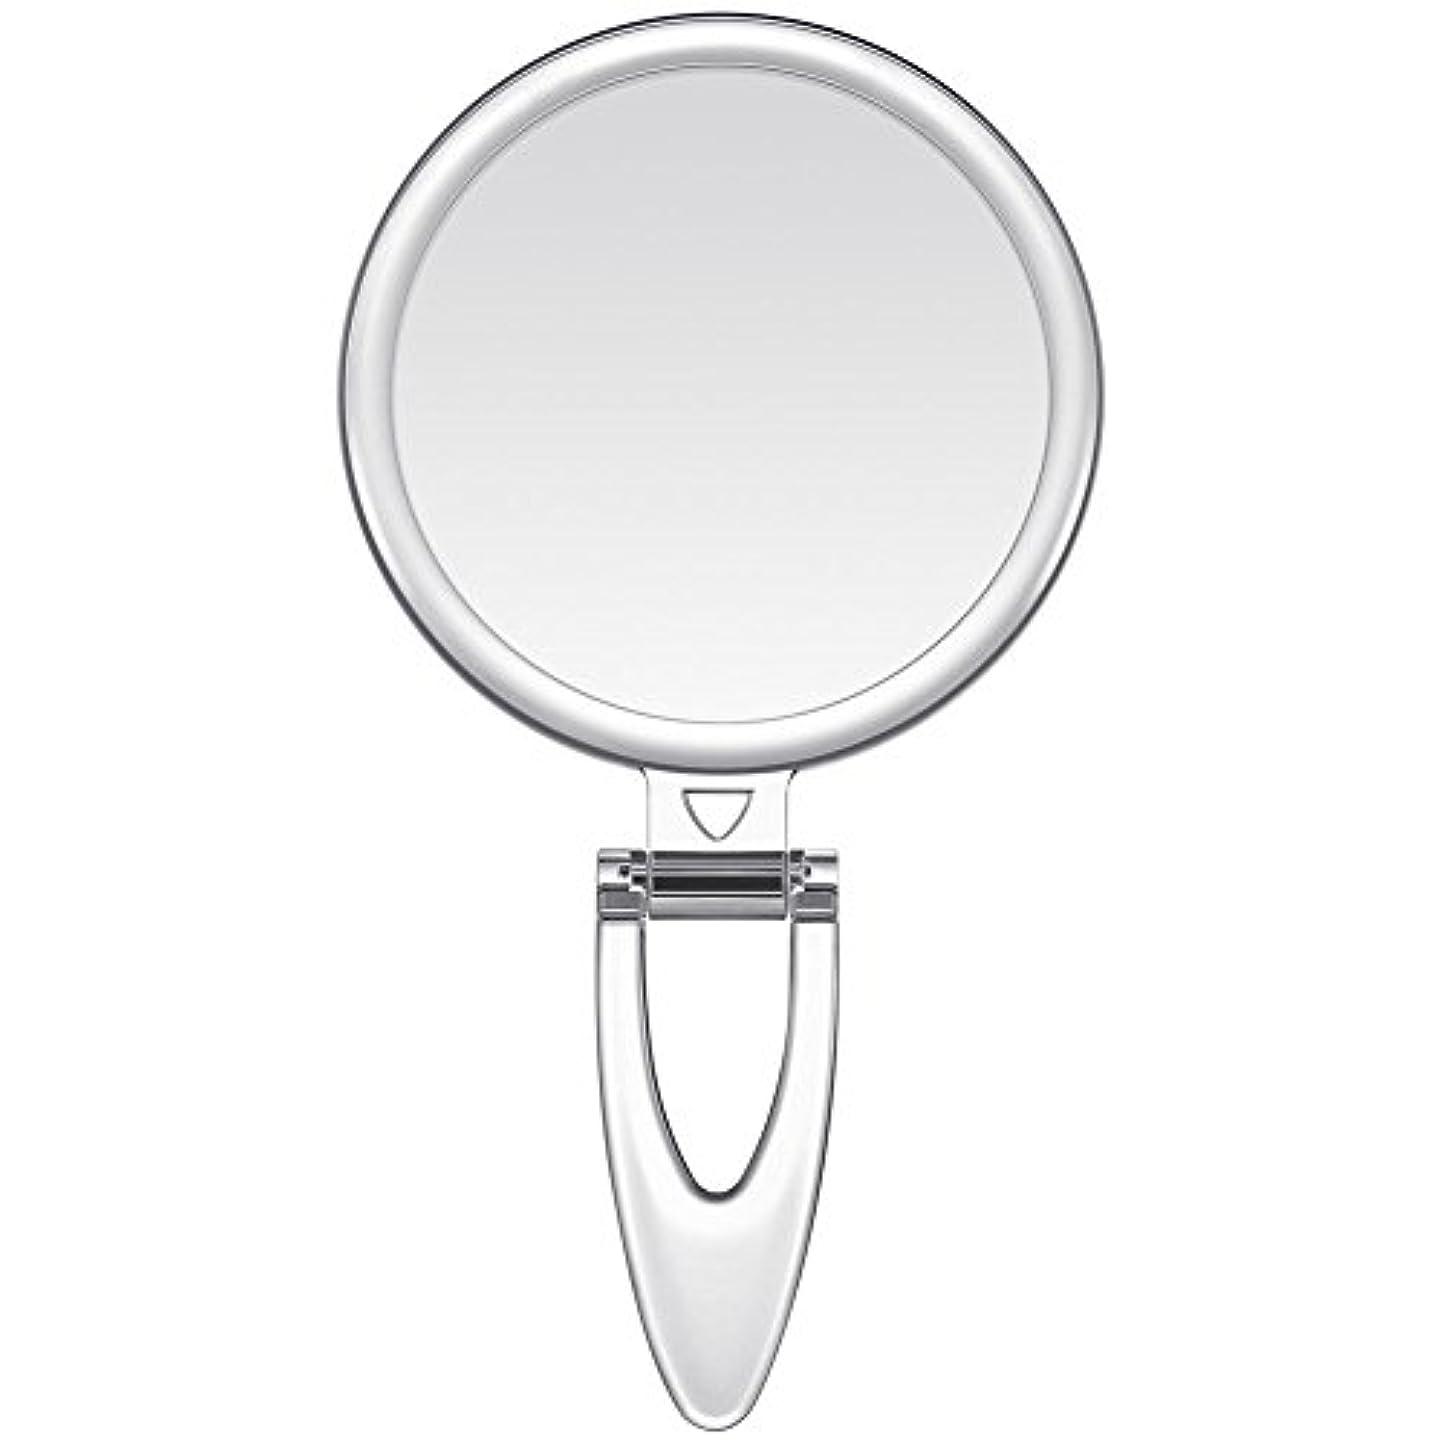 感心する季節香港Lavany 手鏡 鏡 拡大鏡 両面コンパクトミラー 化粧鏡 10倍鏡付き 手持ち スタンド 壁掛け仕様 (S(3.2インチ))